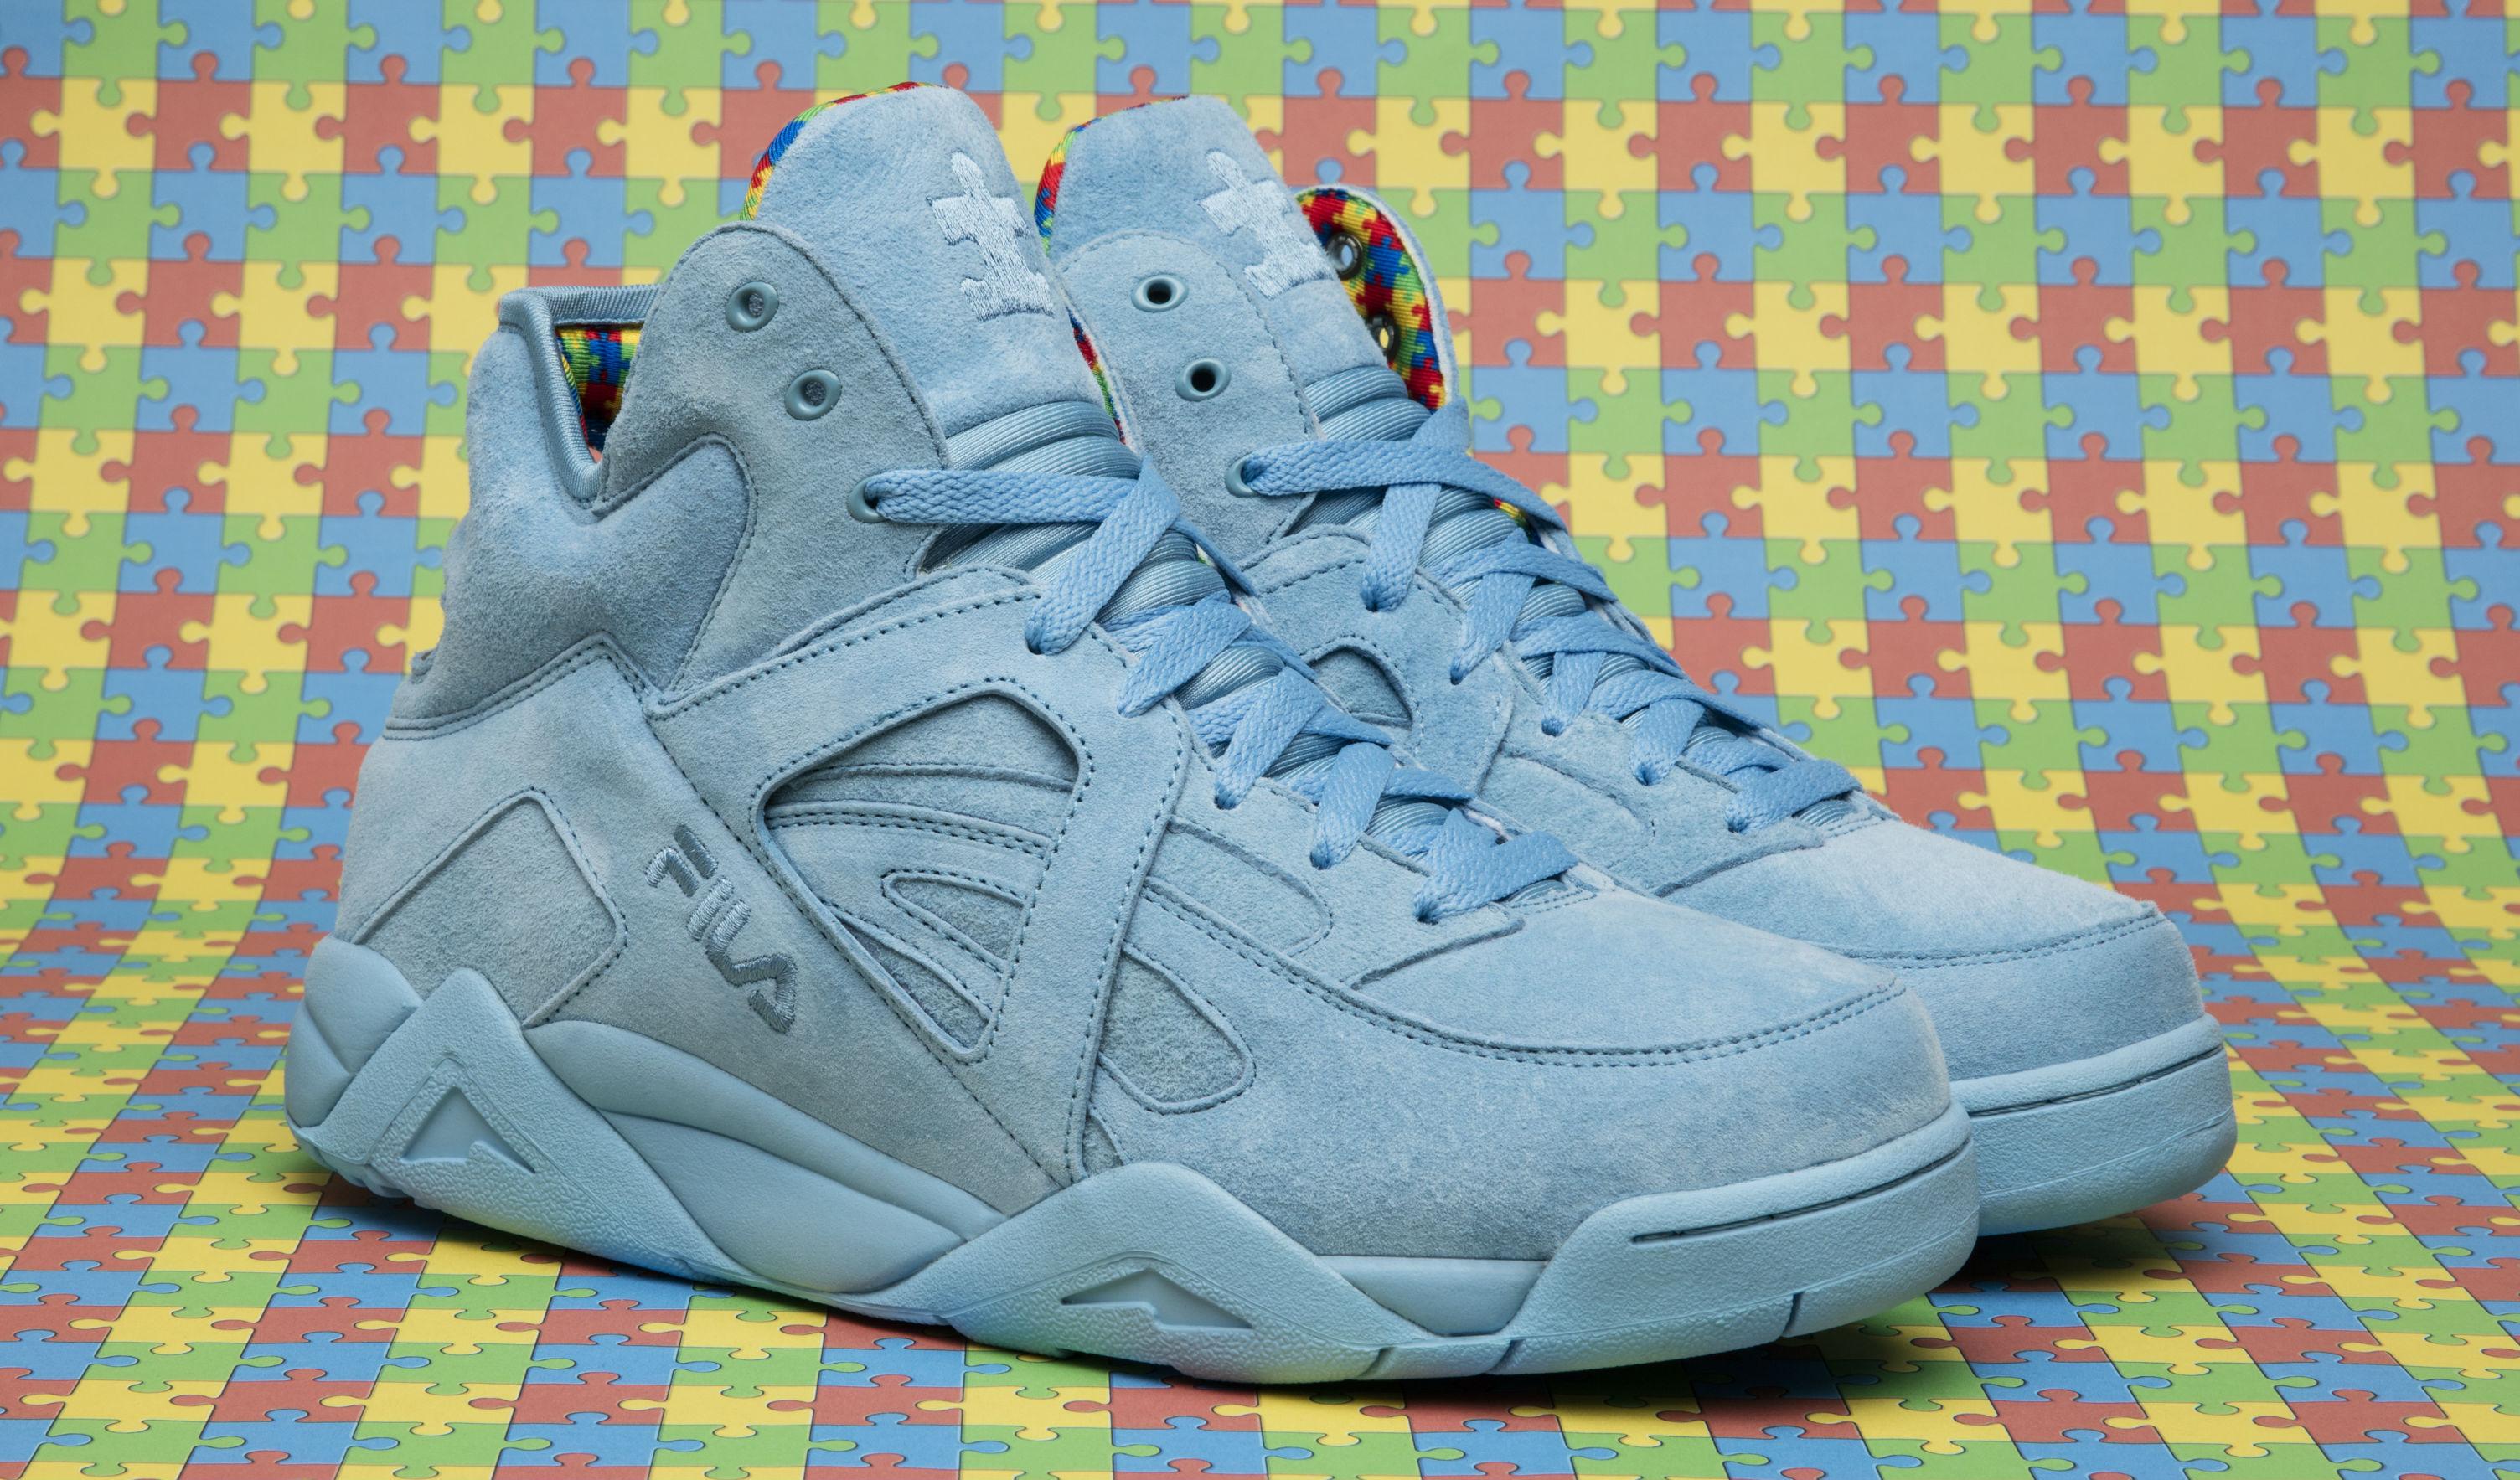 fila shoes winter. shoe city \u0026 fila made a sneaker for autism awareness fila shoes winter